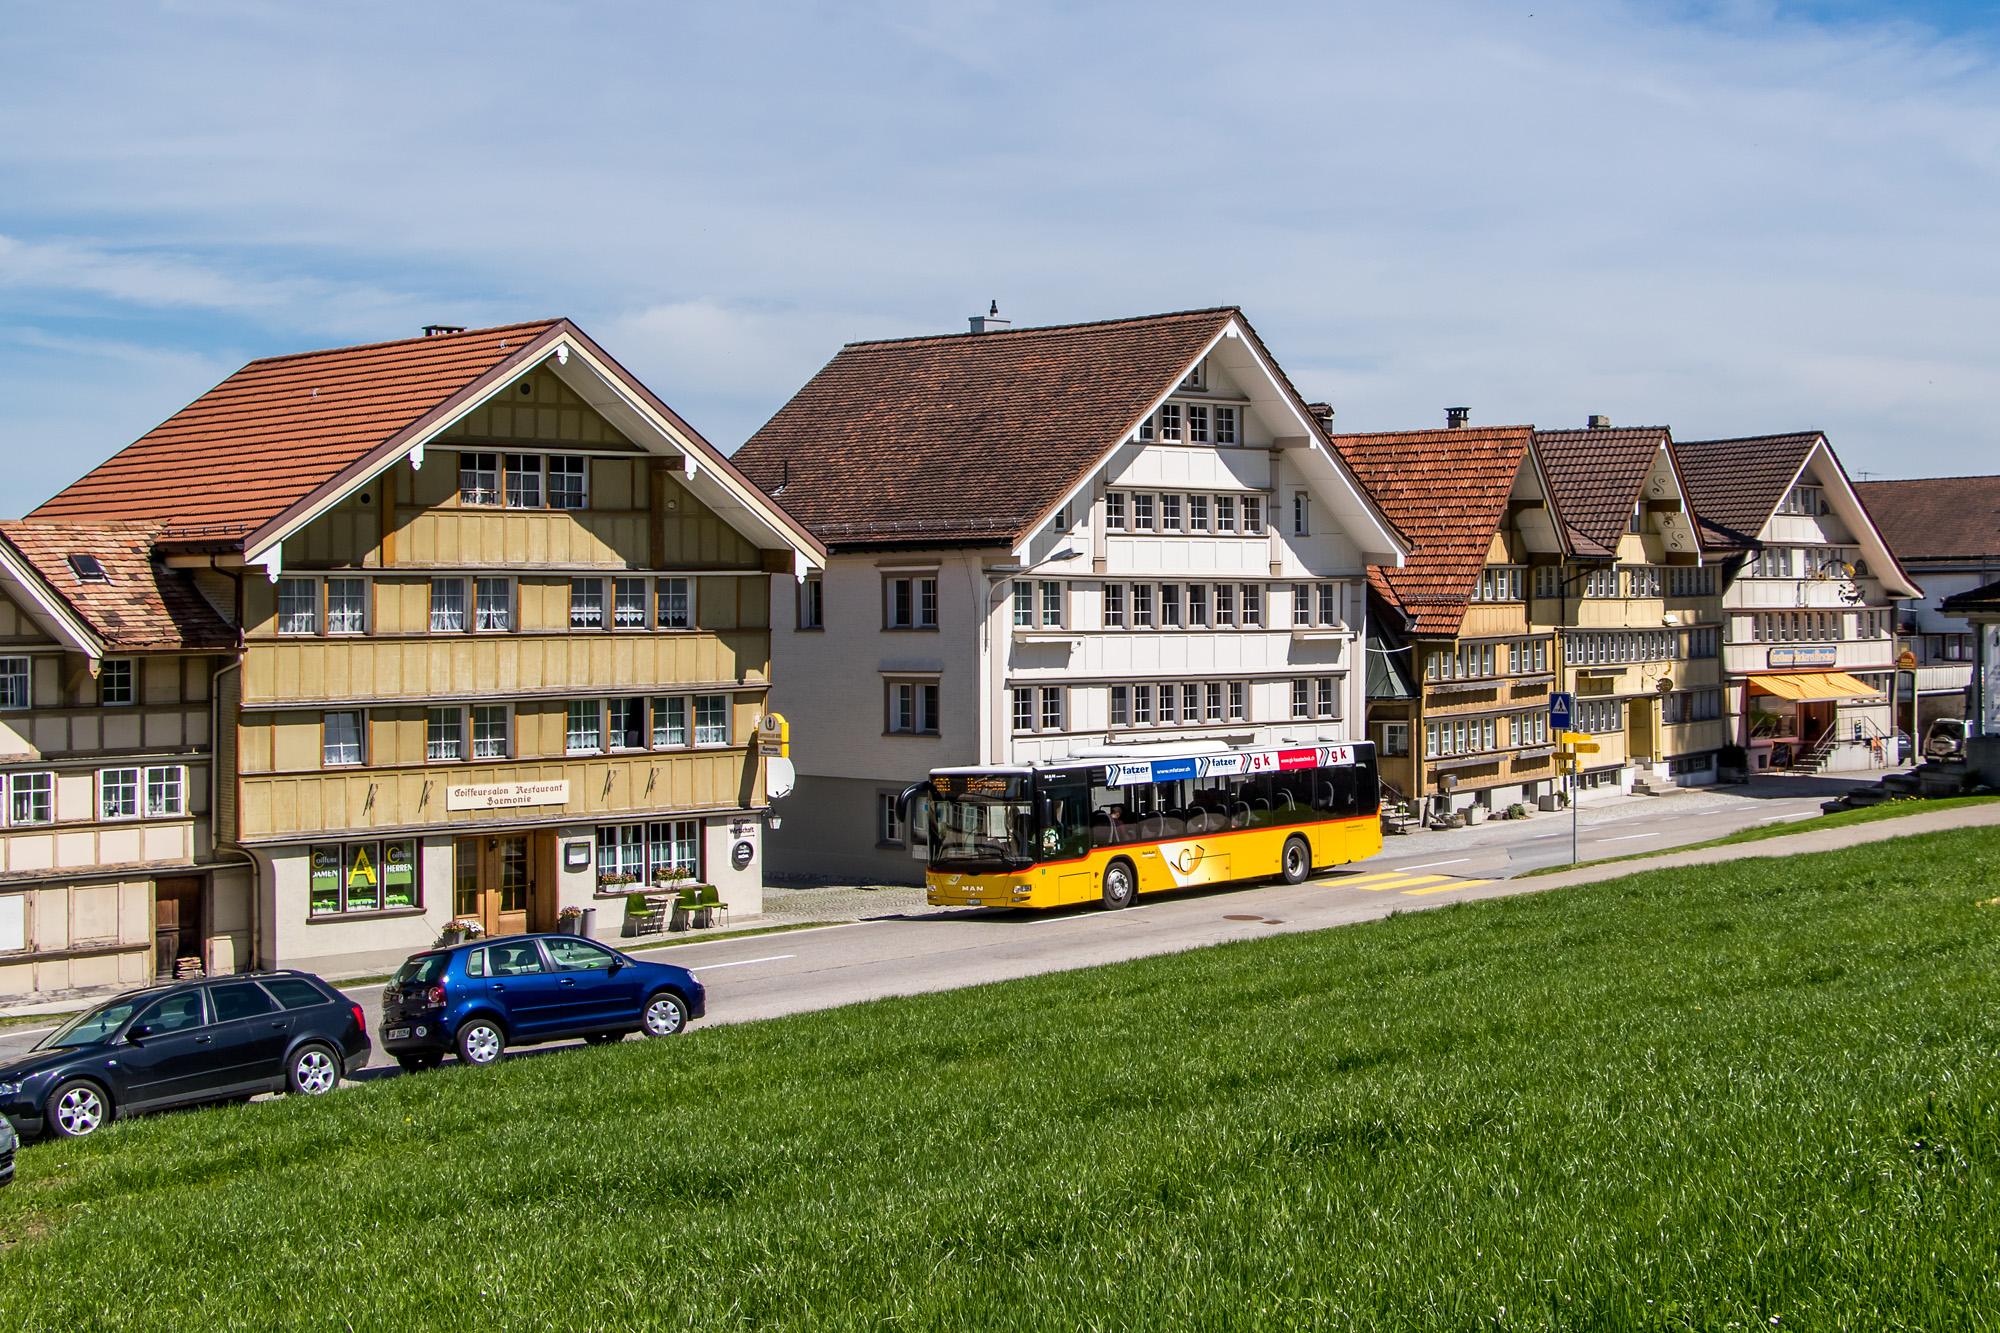 Die Häuser stammen aus dem 17. und 18. Jahrhundert - und die Appenzeller parkieren noch immer wild :-)